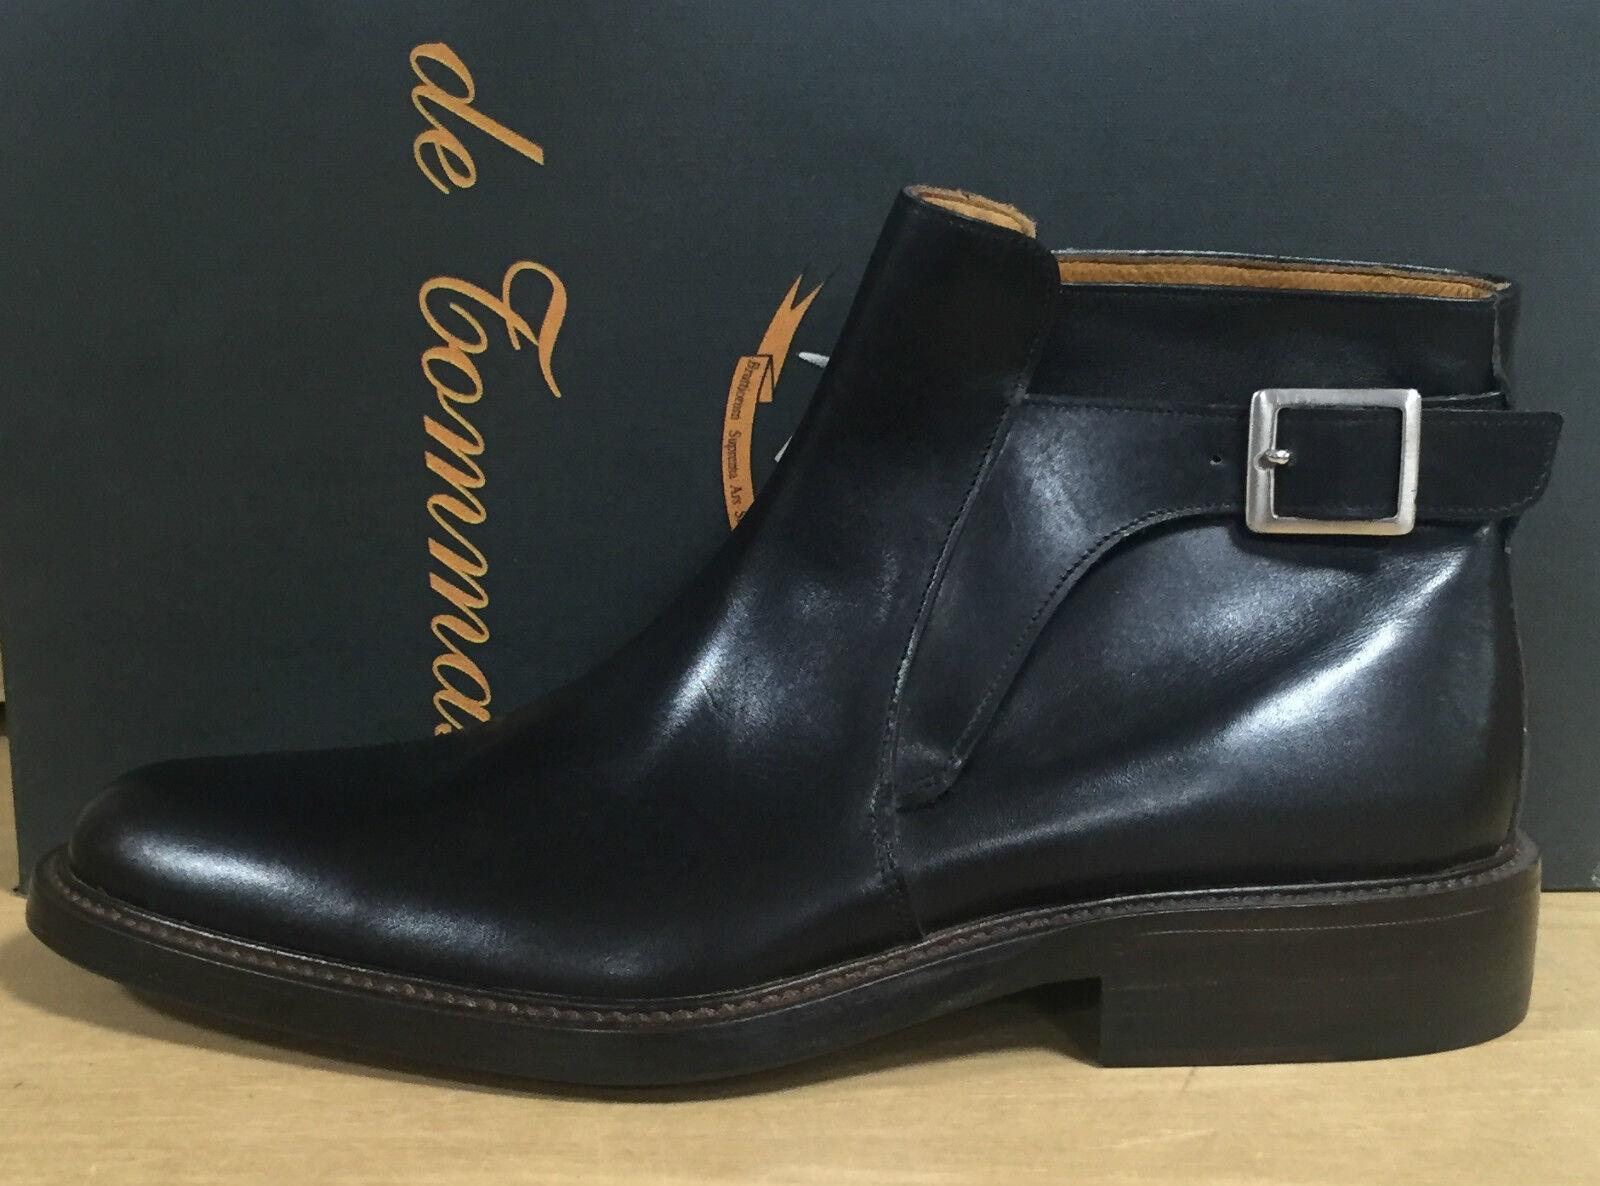 DE TOMMASO scarpe manifattura uomo alte di ottima manifattura scarpe in pelle e cuoio made in Italy 53094b